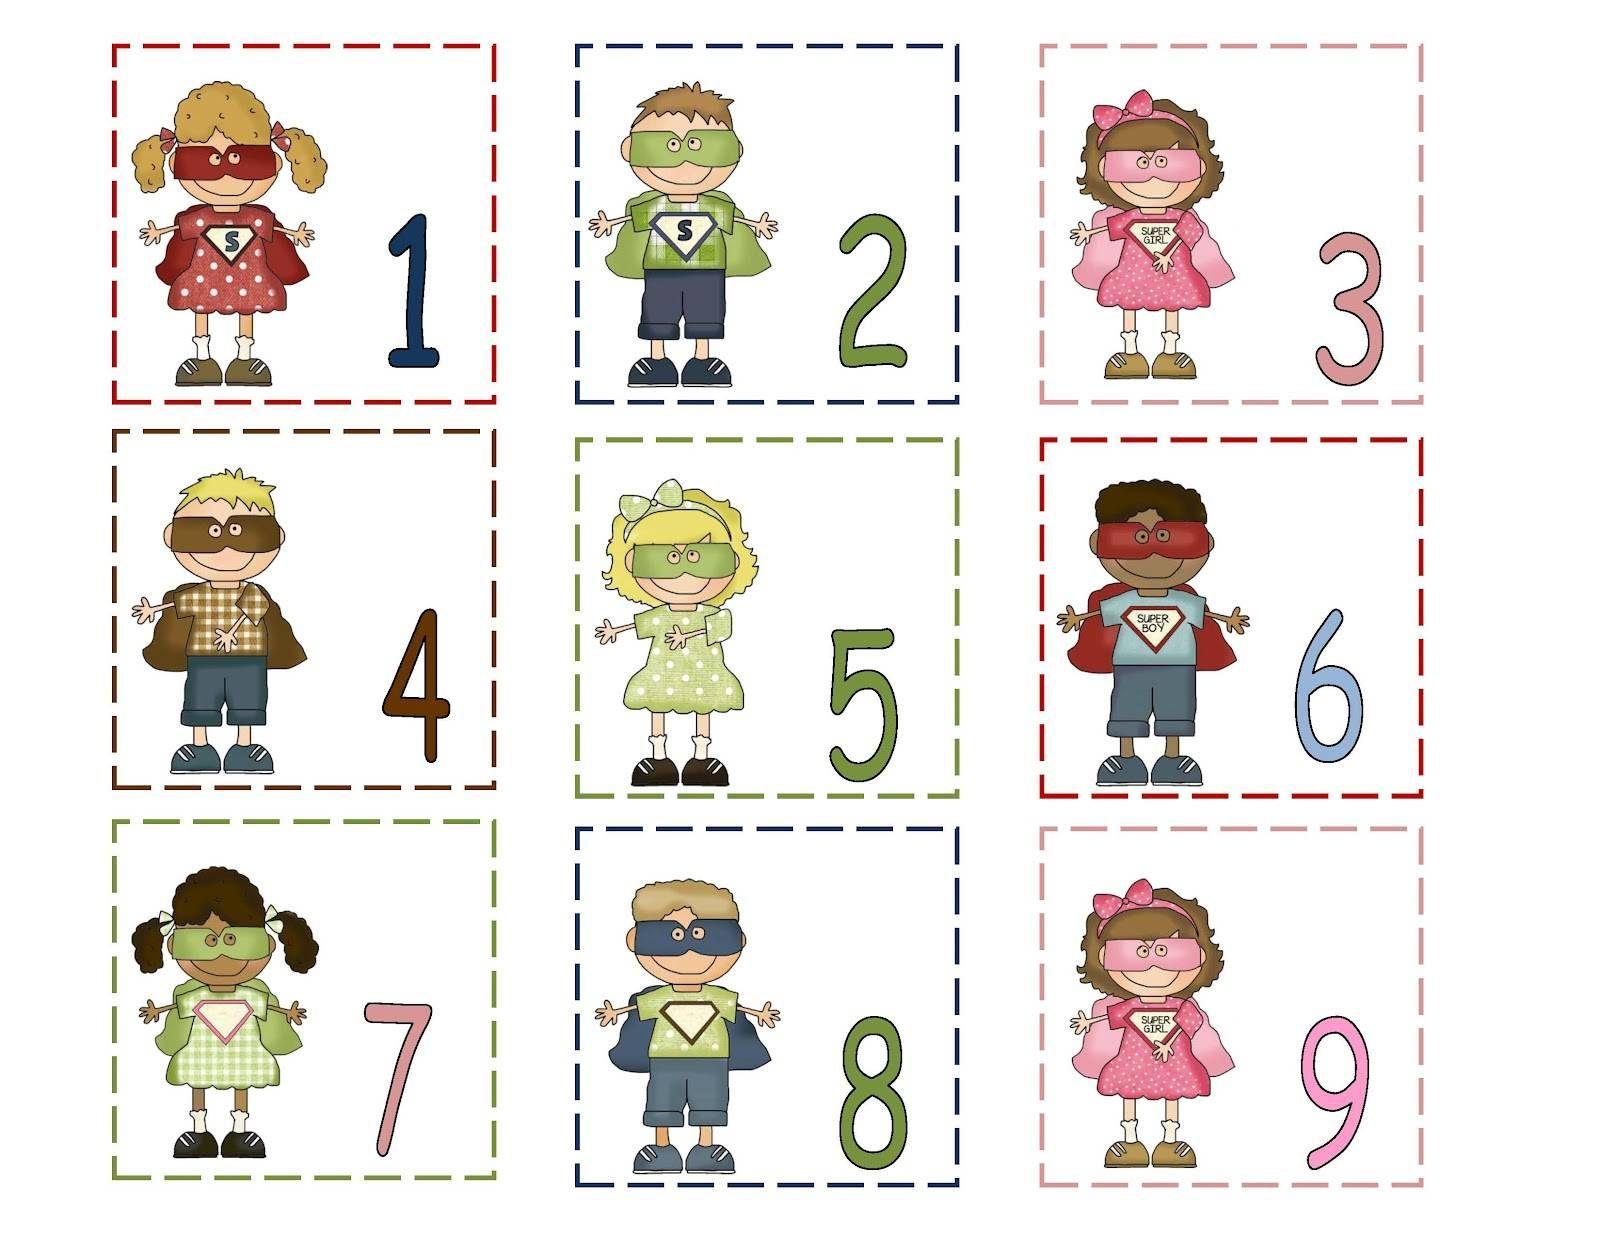 Calendar Numbers Printables Preschool : Free printable calendar numbers preschool